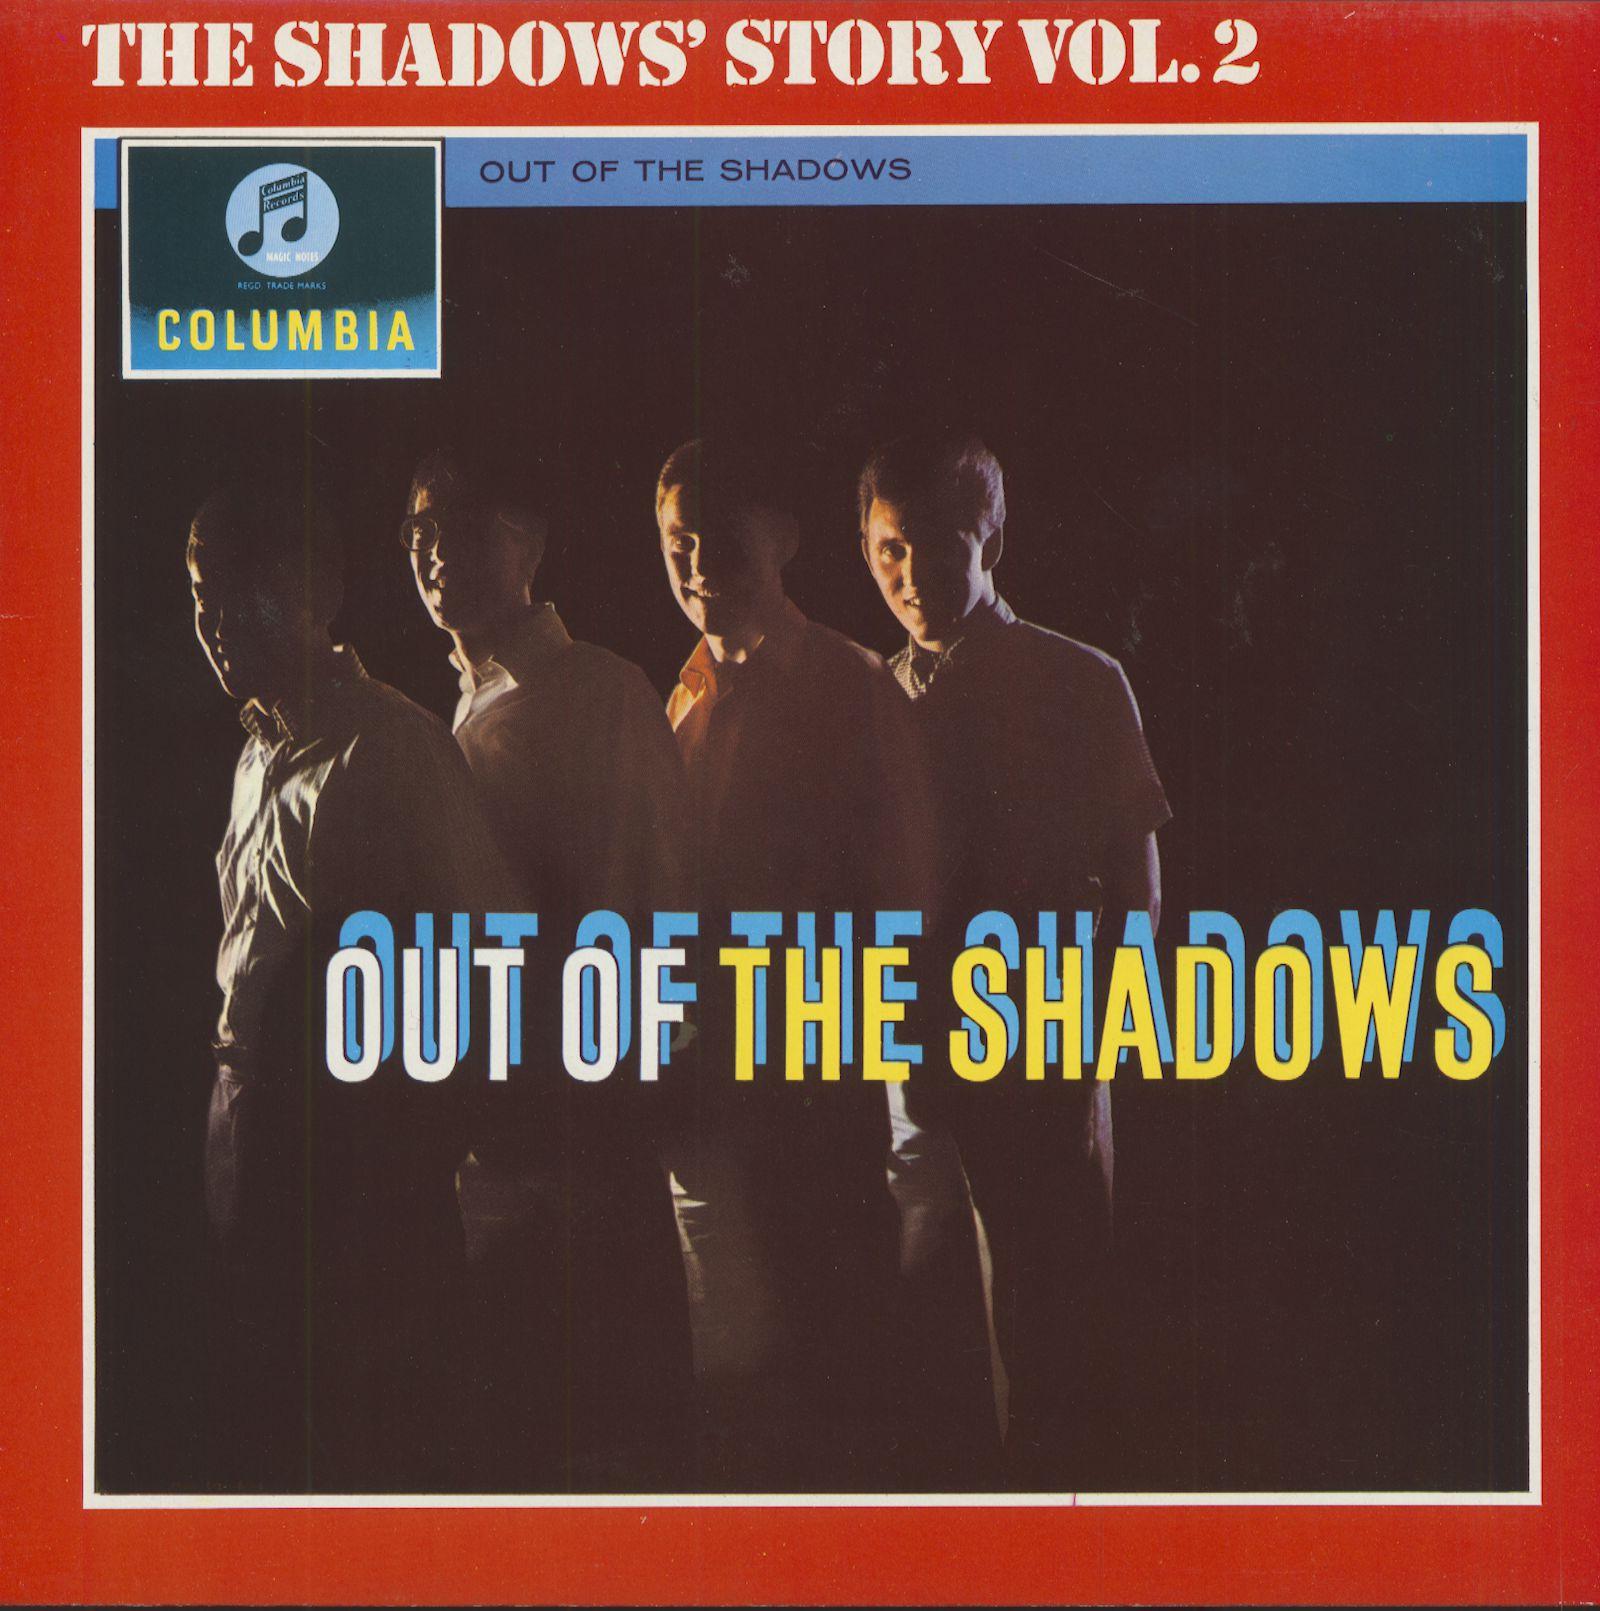 The Shadows Lp Out Of The Shadows The Shadows Story Vol